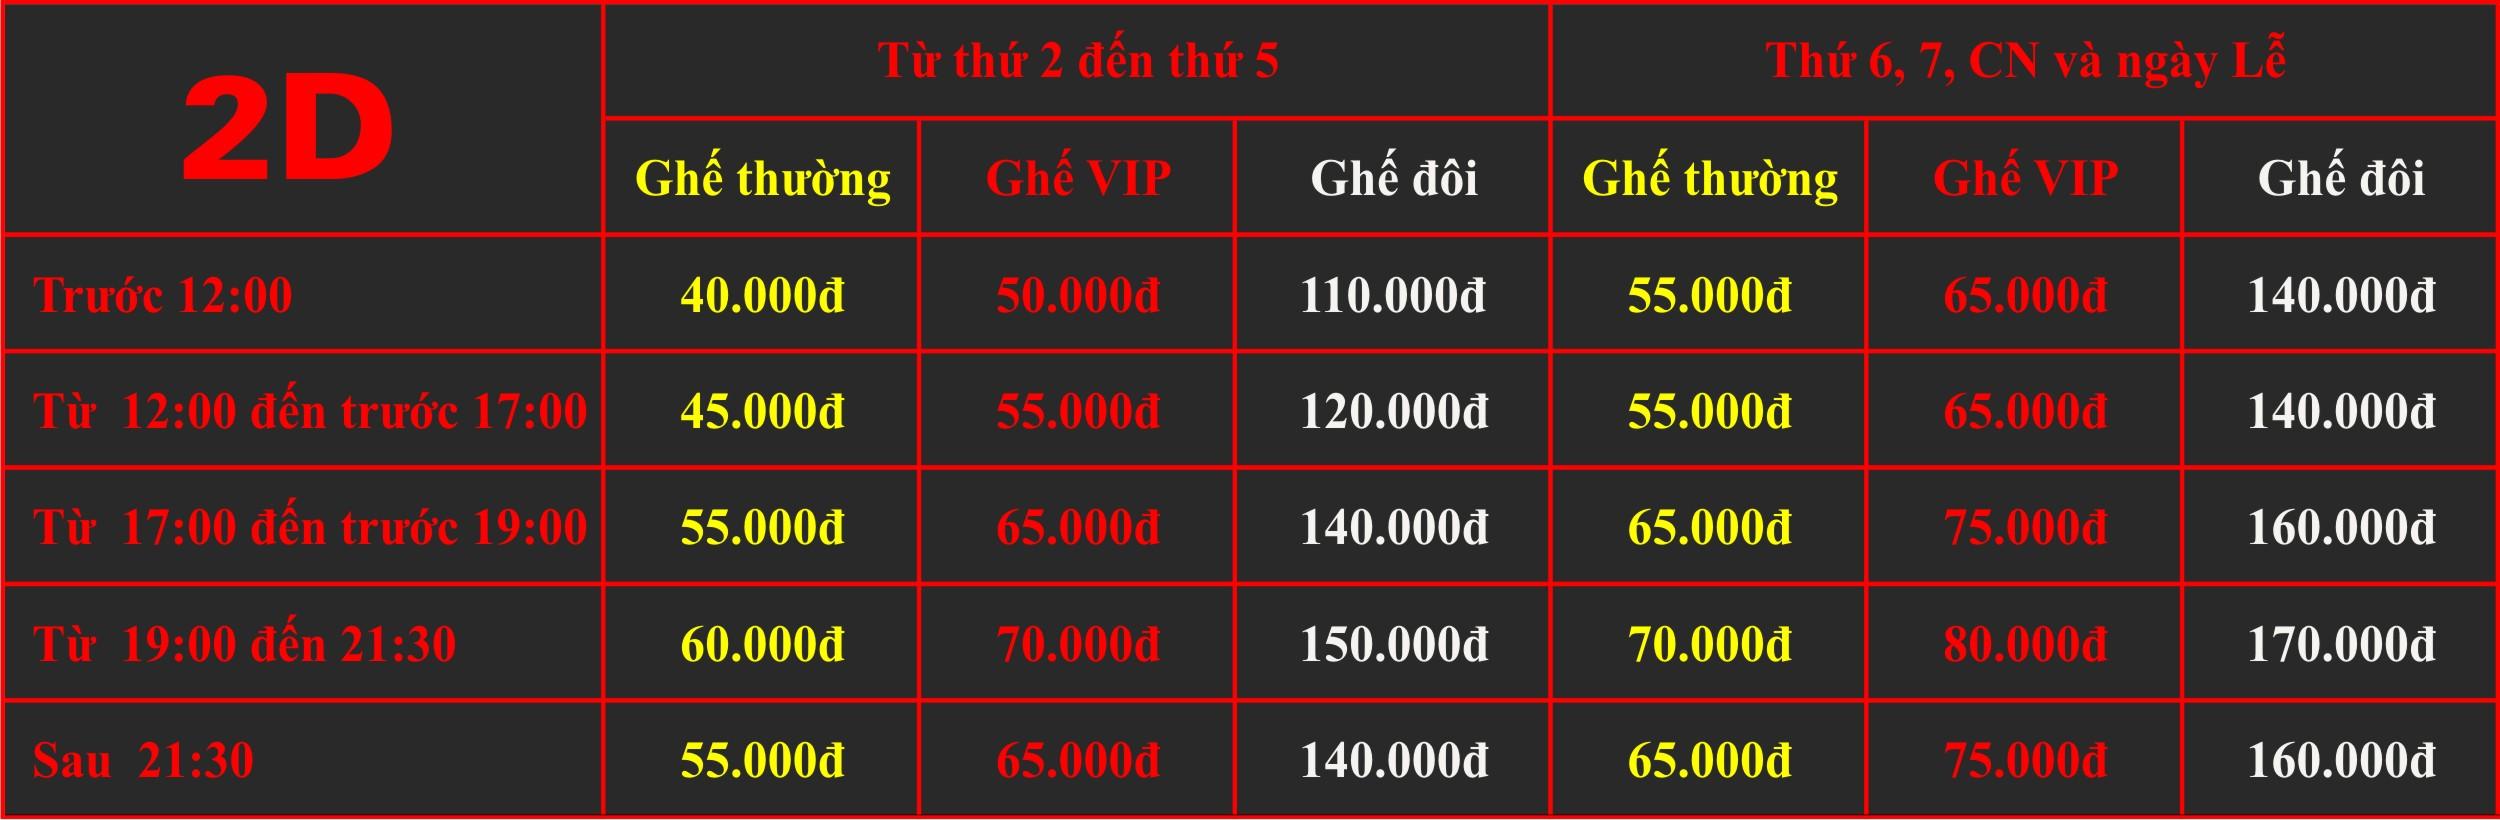 Giá vé chiếu phim 2D rạp Quốc Gia